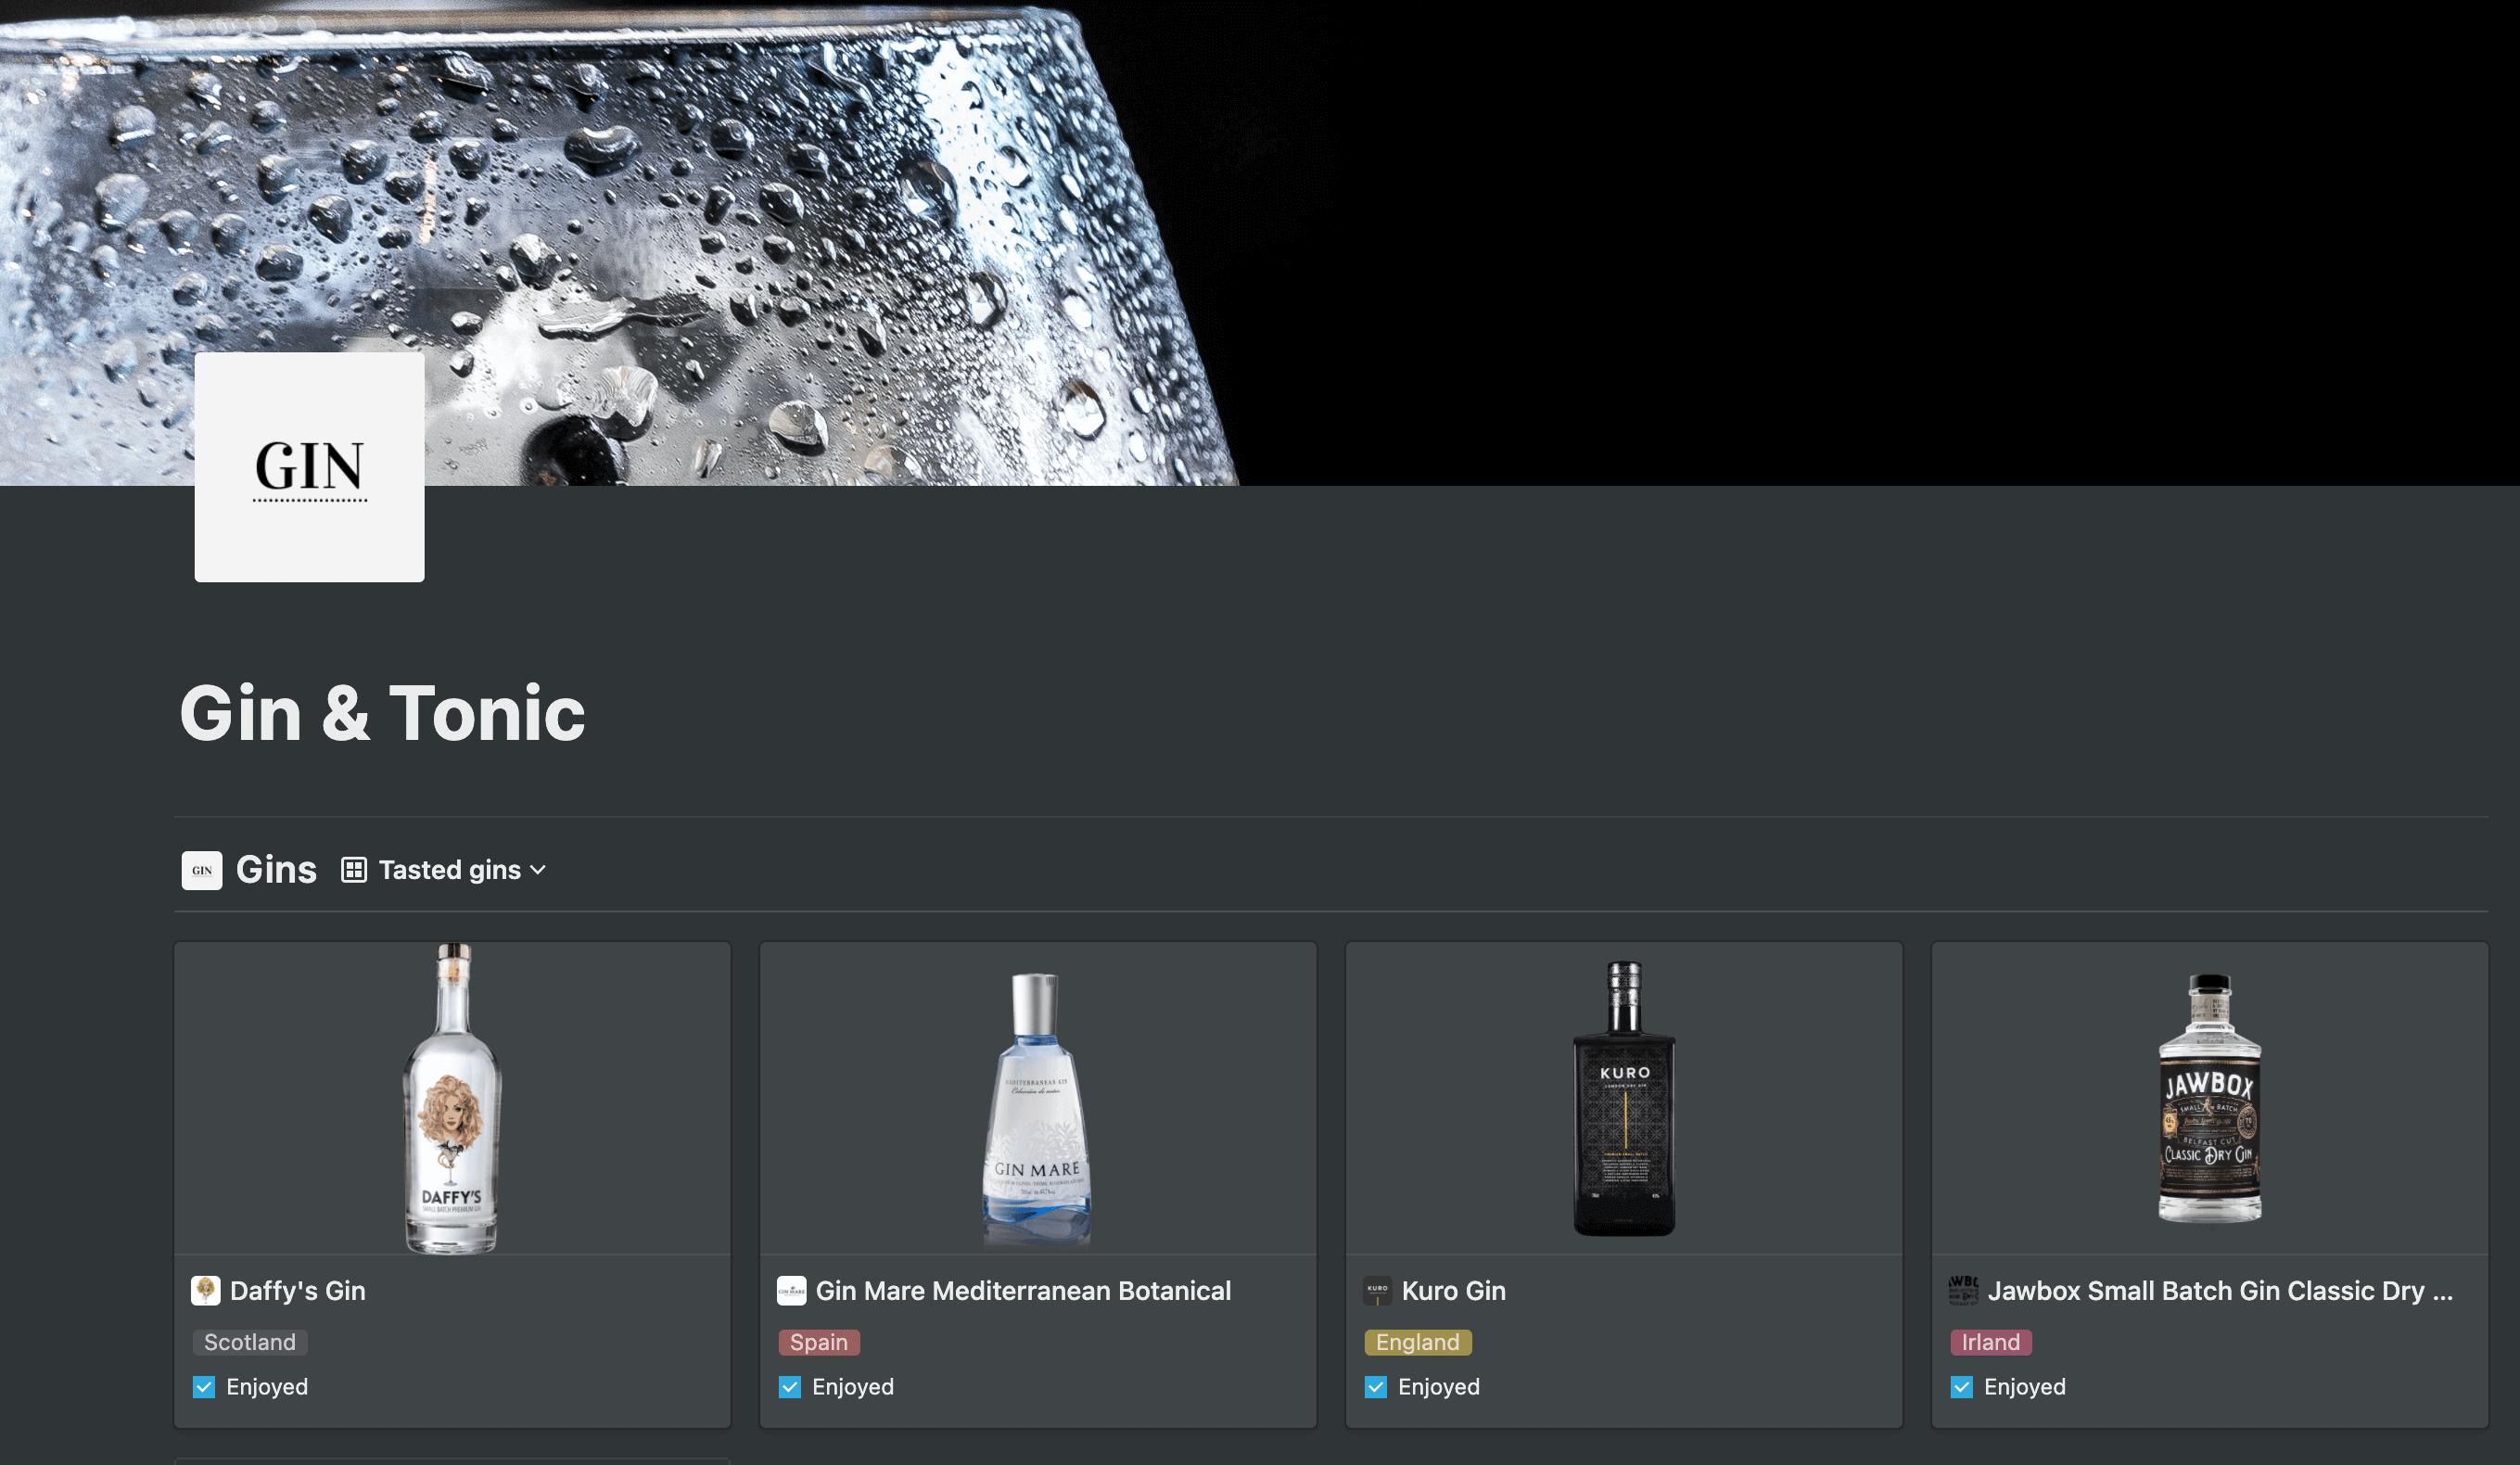 Gin & tonic database